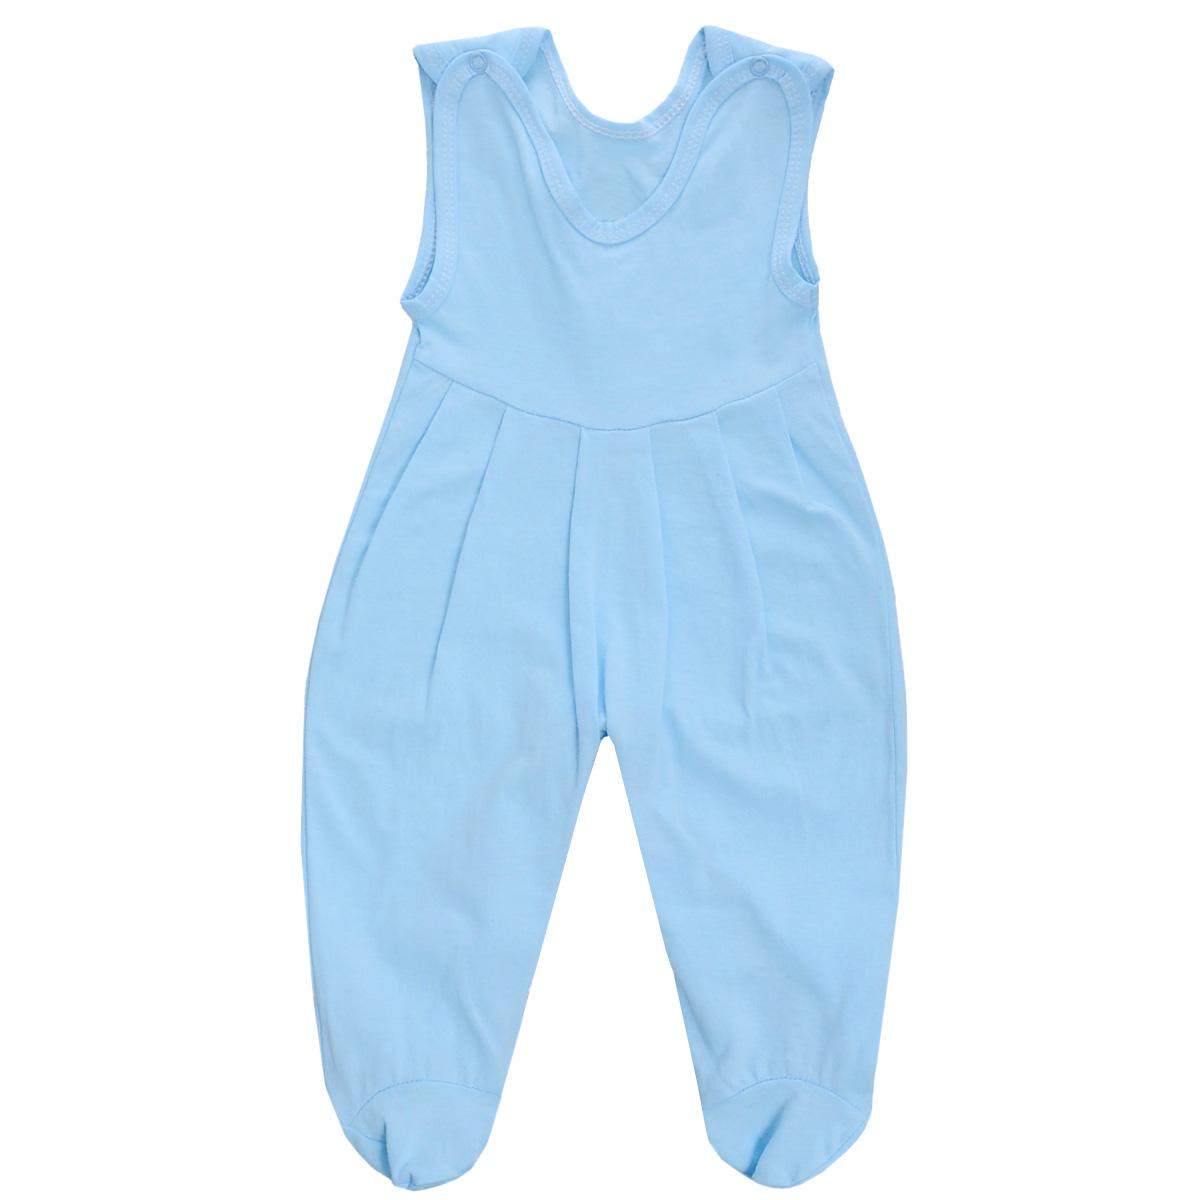 Ползунки5237Ползунки с грудкой Трон-плюс - очень удобный и практичный вид одежды для малышей. Они отлично сочетаются с футболками и кофточками. Ползунки выполнены из кулирного полотна - натурального хлопка, благодаря чему они необычайно мягкие и приятные на ощупь, не раздражают нежную кожу ребенка и хорошо вентилируются, а эластичные швы приятны телу младенца и не препятствуют его движениям. Ползунки с закрытыми ножками, застегивающиеся сверху на кнопки, идеально подойдут вашему ребенку, обеспечивая ему наибольший комфорт, подходят для ношения с подгузником и без него. Кнопки на ластовице помогают легко и без труда поменять подгузник в течение дня. От линии груди заложены складочки, придающие изделию оригинальность. Ползунки с грудкой полностью соответствуют особенностям жизни младенца в ранний период, не стесняя и не ограничивая его в движениях!